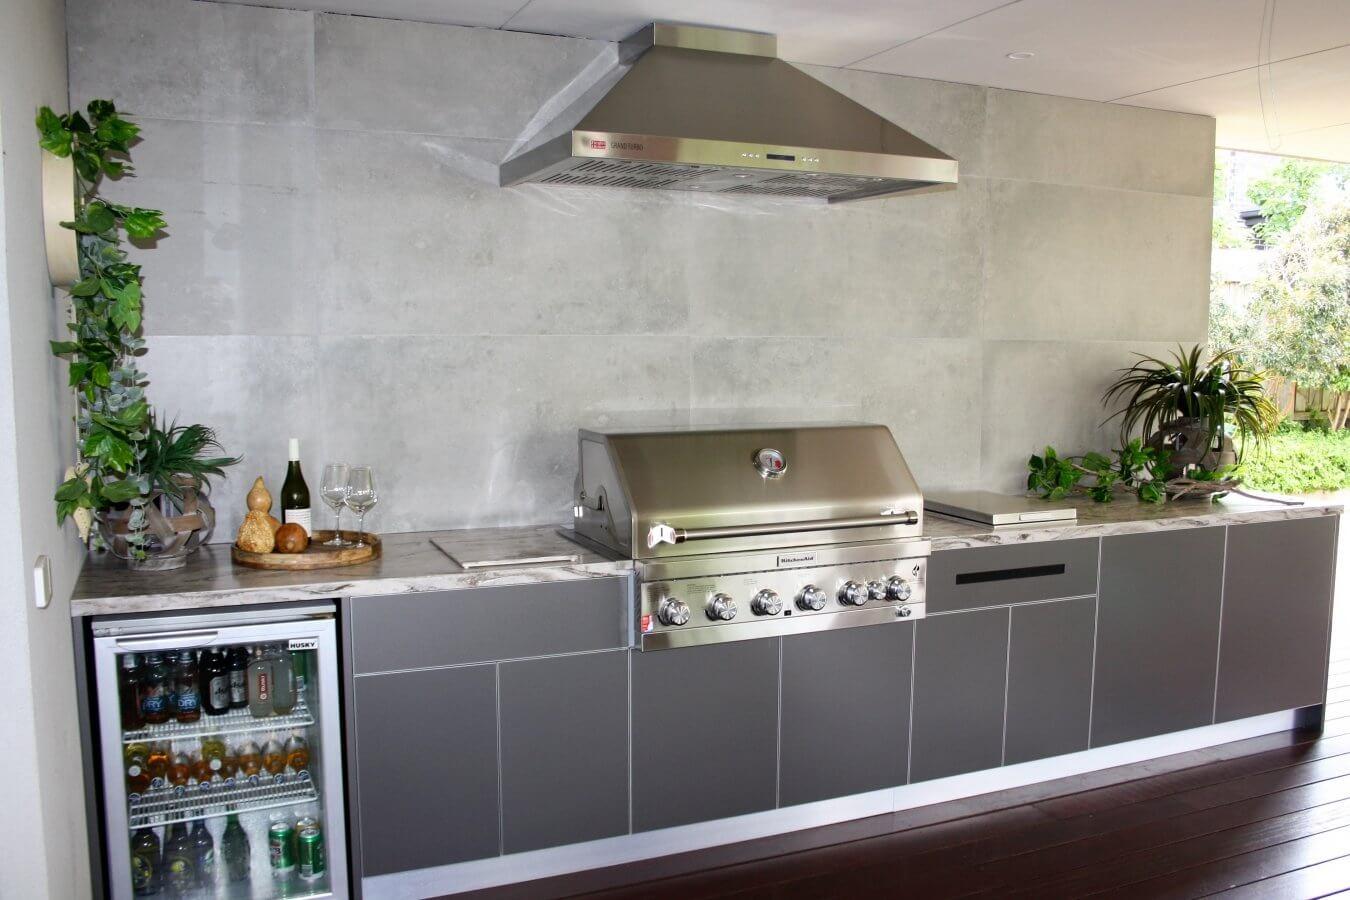 KitchenAid-6-Burner-BBQ-Metallic-Charcoal-Corian-Somkedrift-Prima-Alfresco-Kitchen